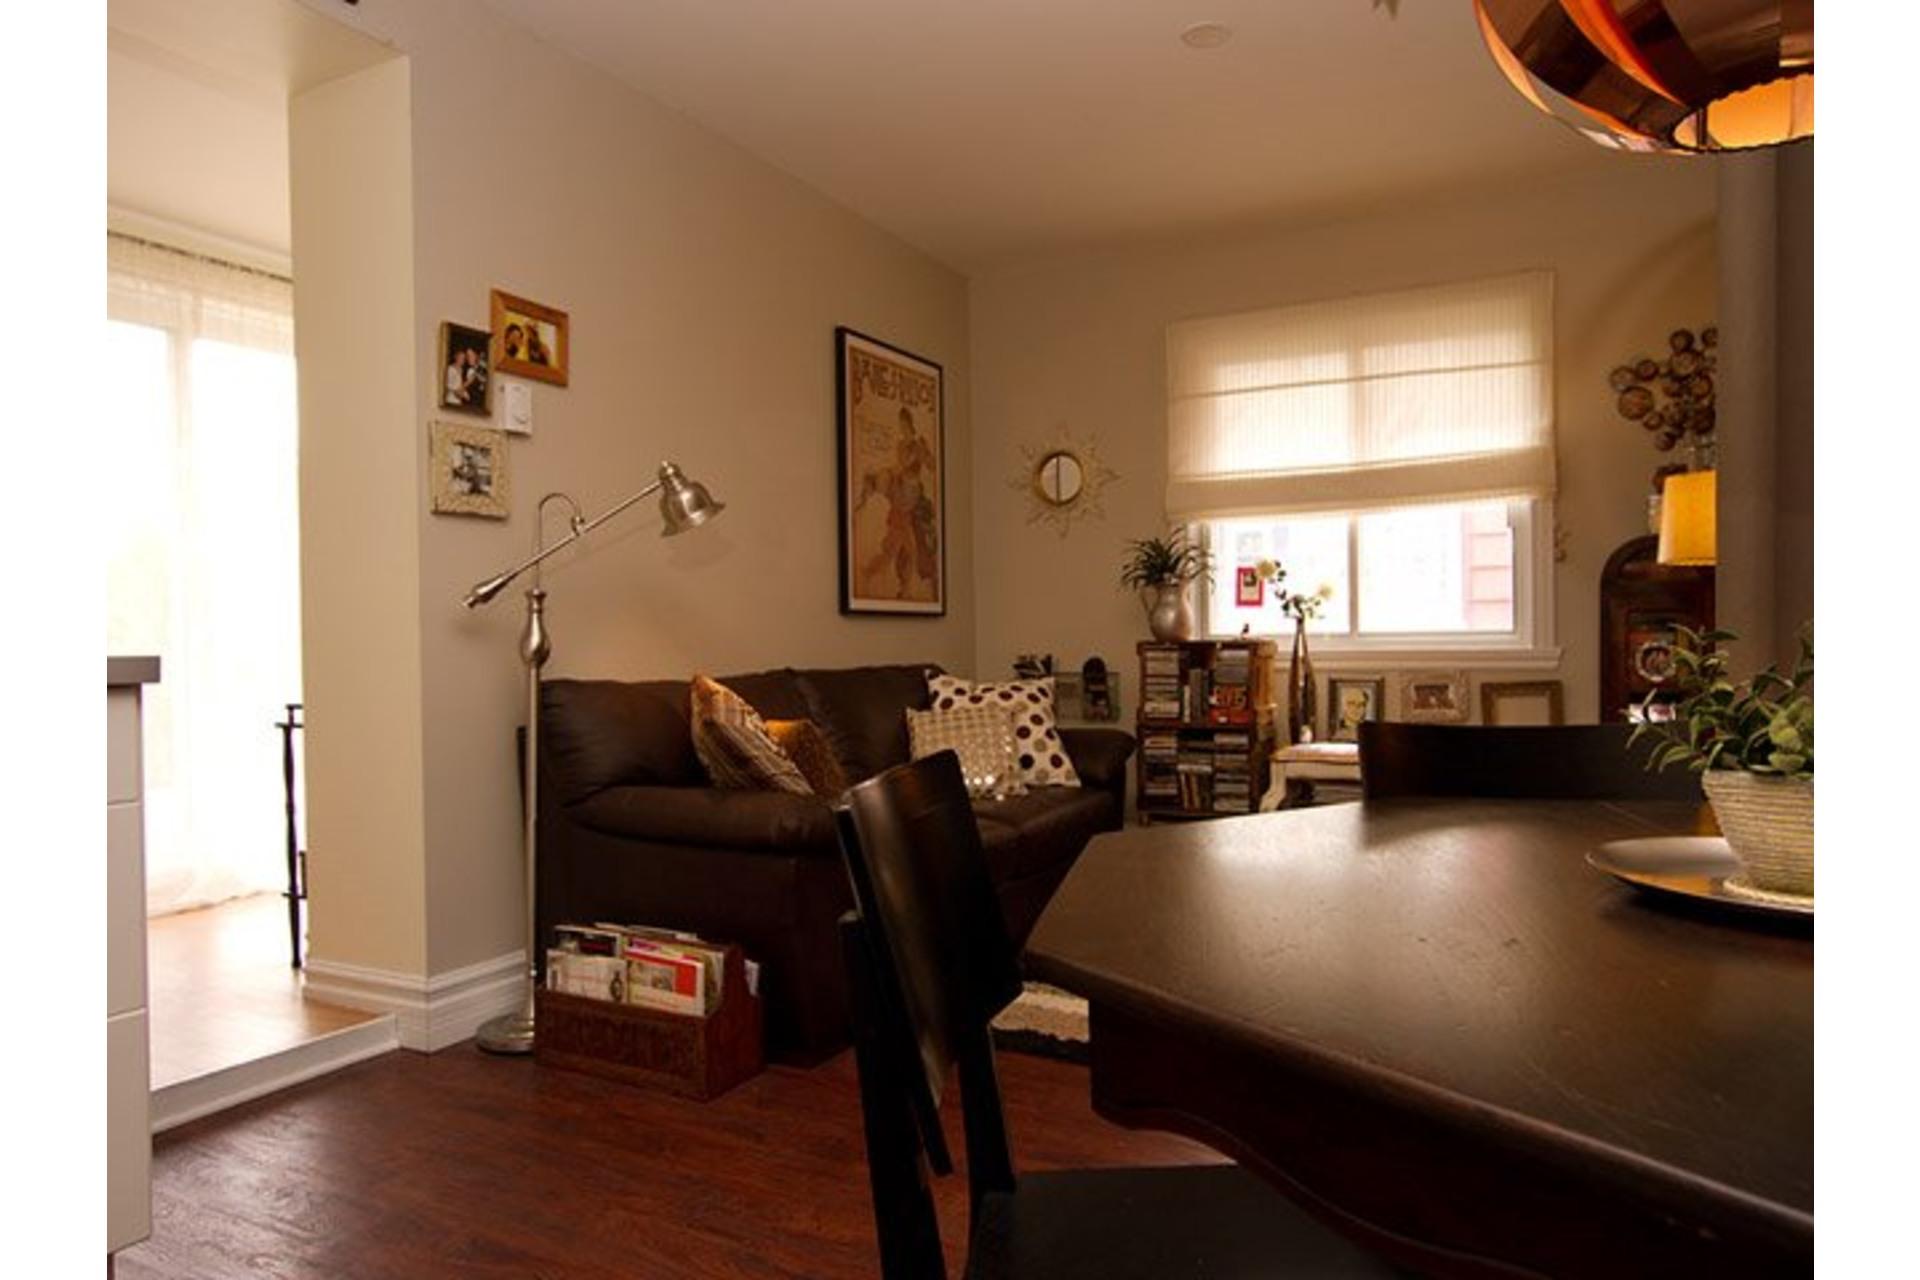 image 27 - Duplex For sale Le Sud-Ouest Montréal  - 5 rooms